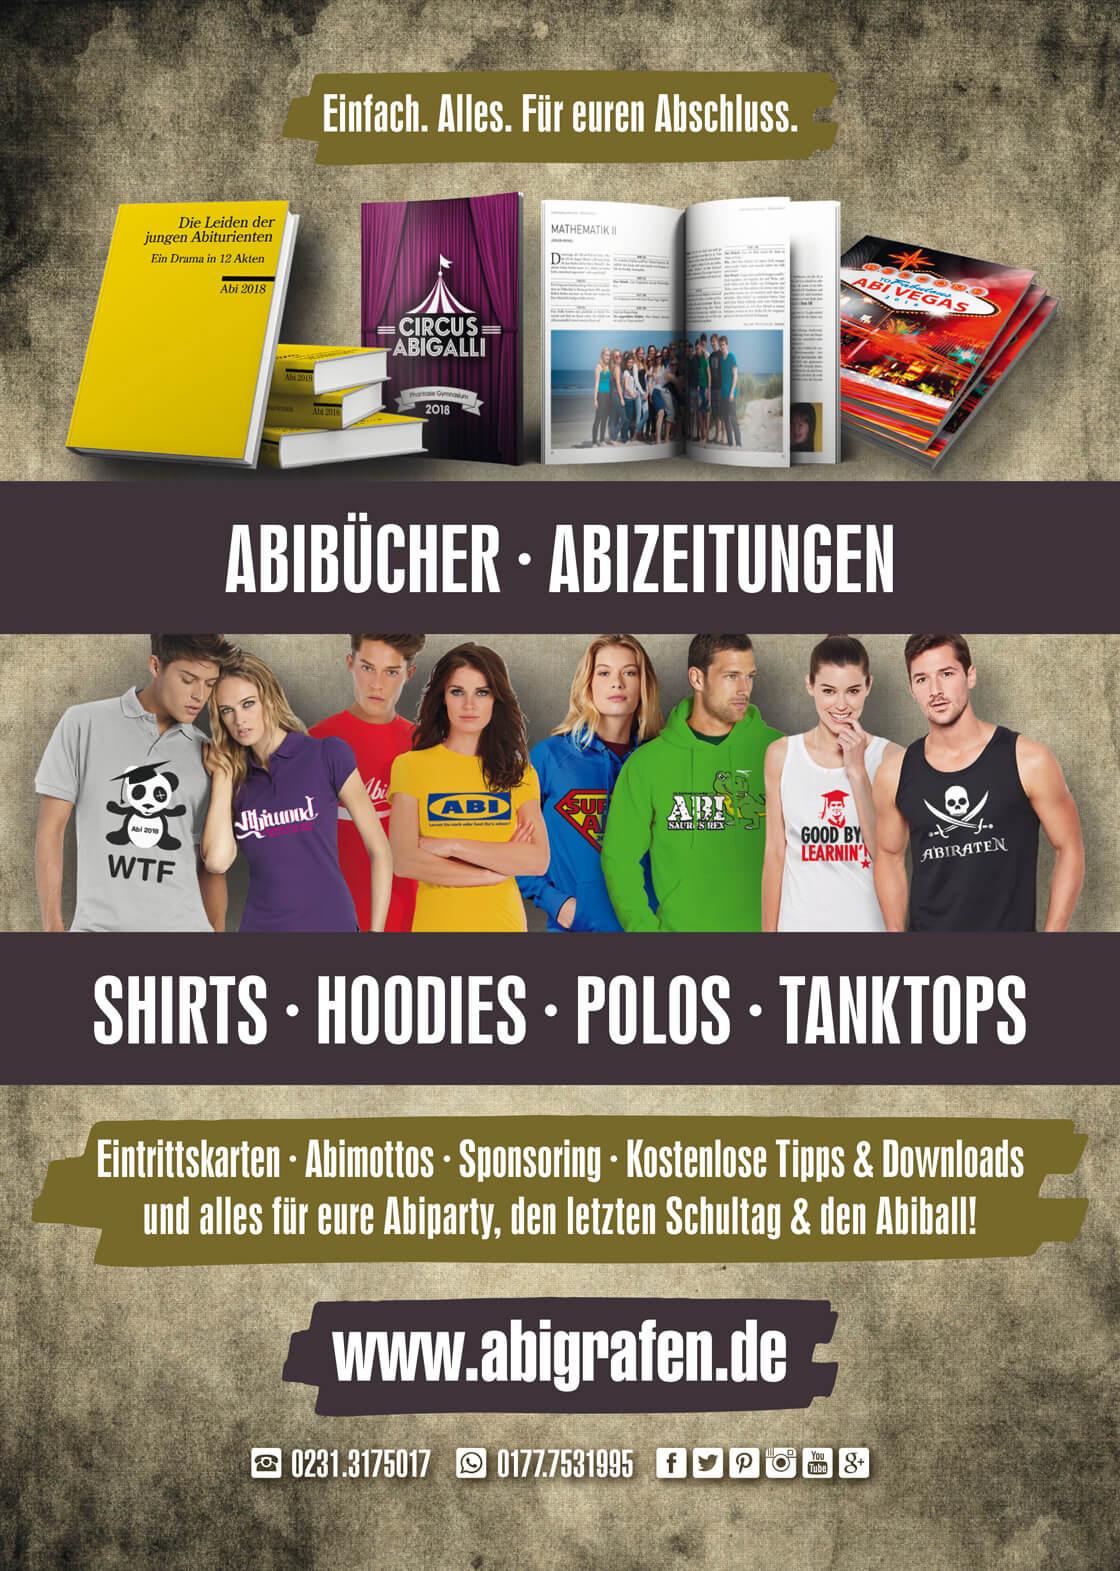 Sponsorenanzeige Abizeitung/Abibuch von abigrafen.de